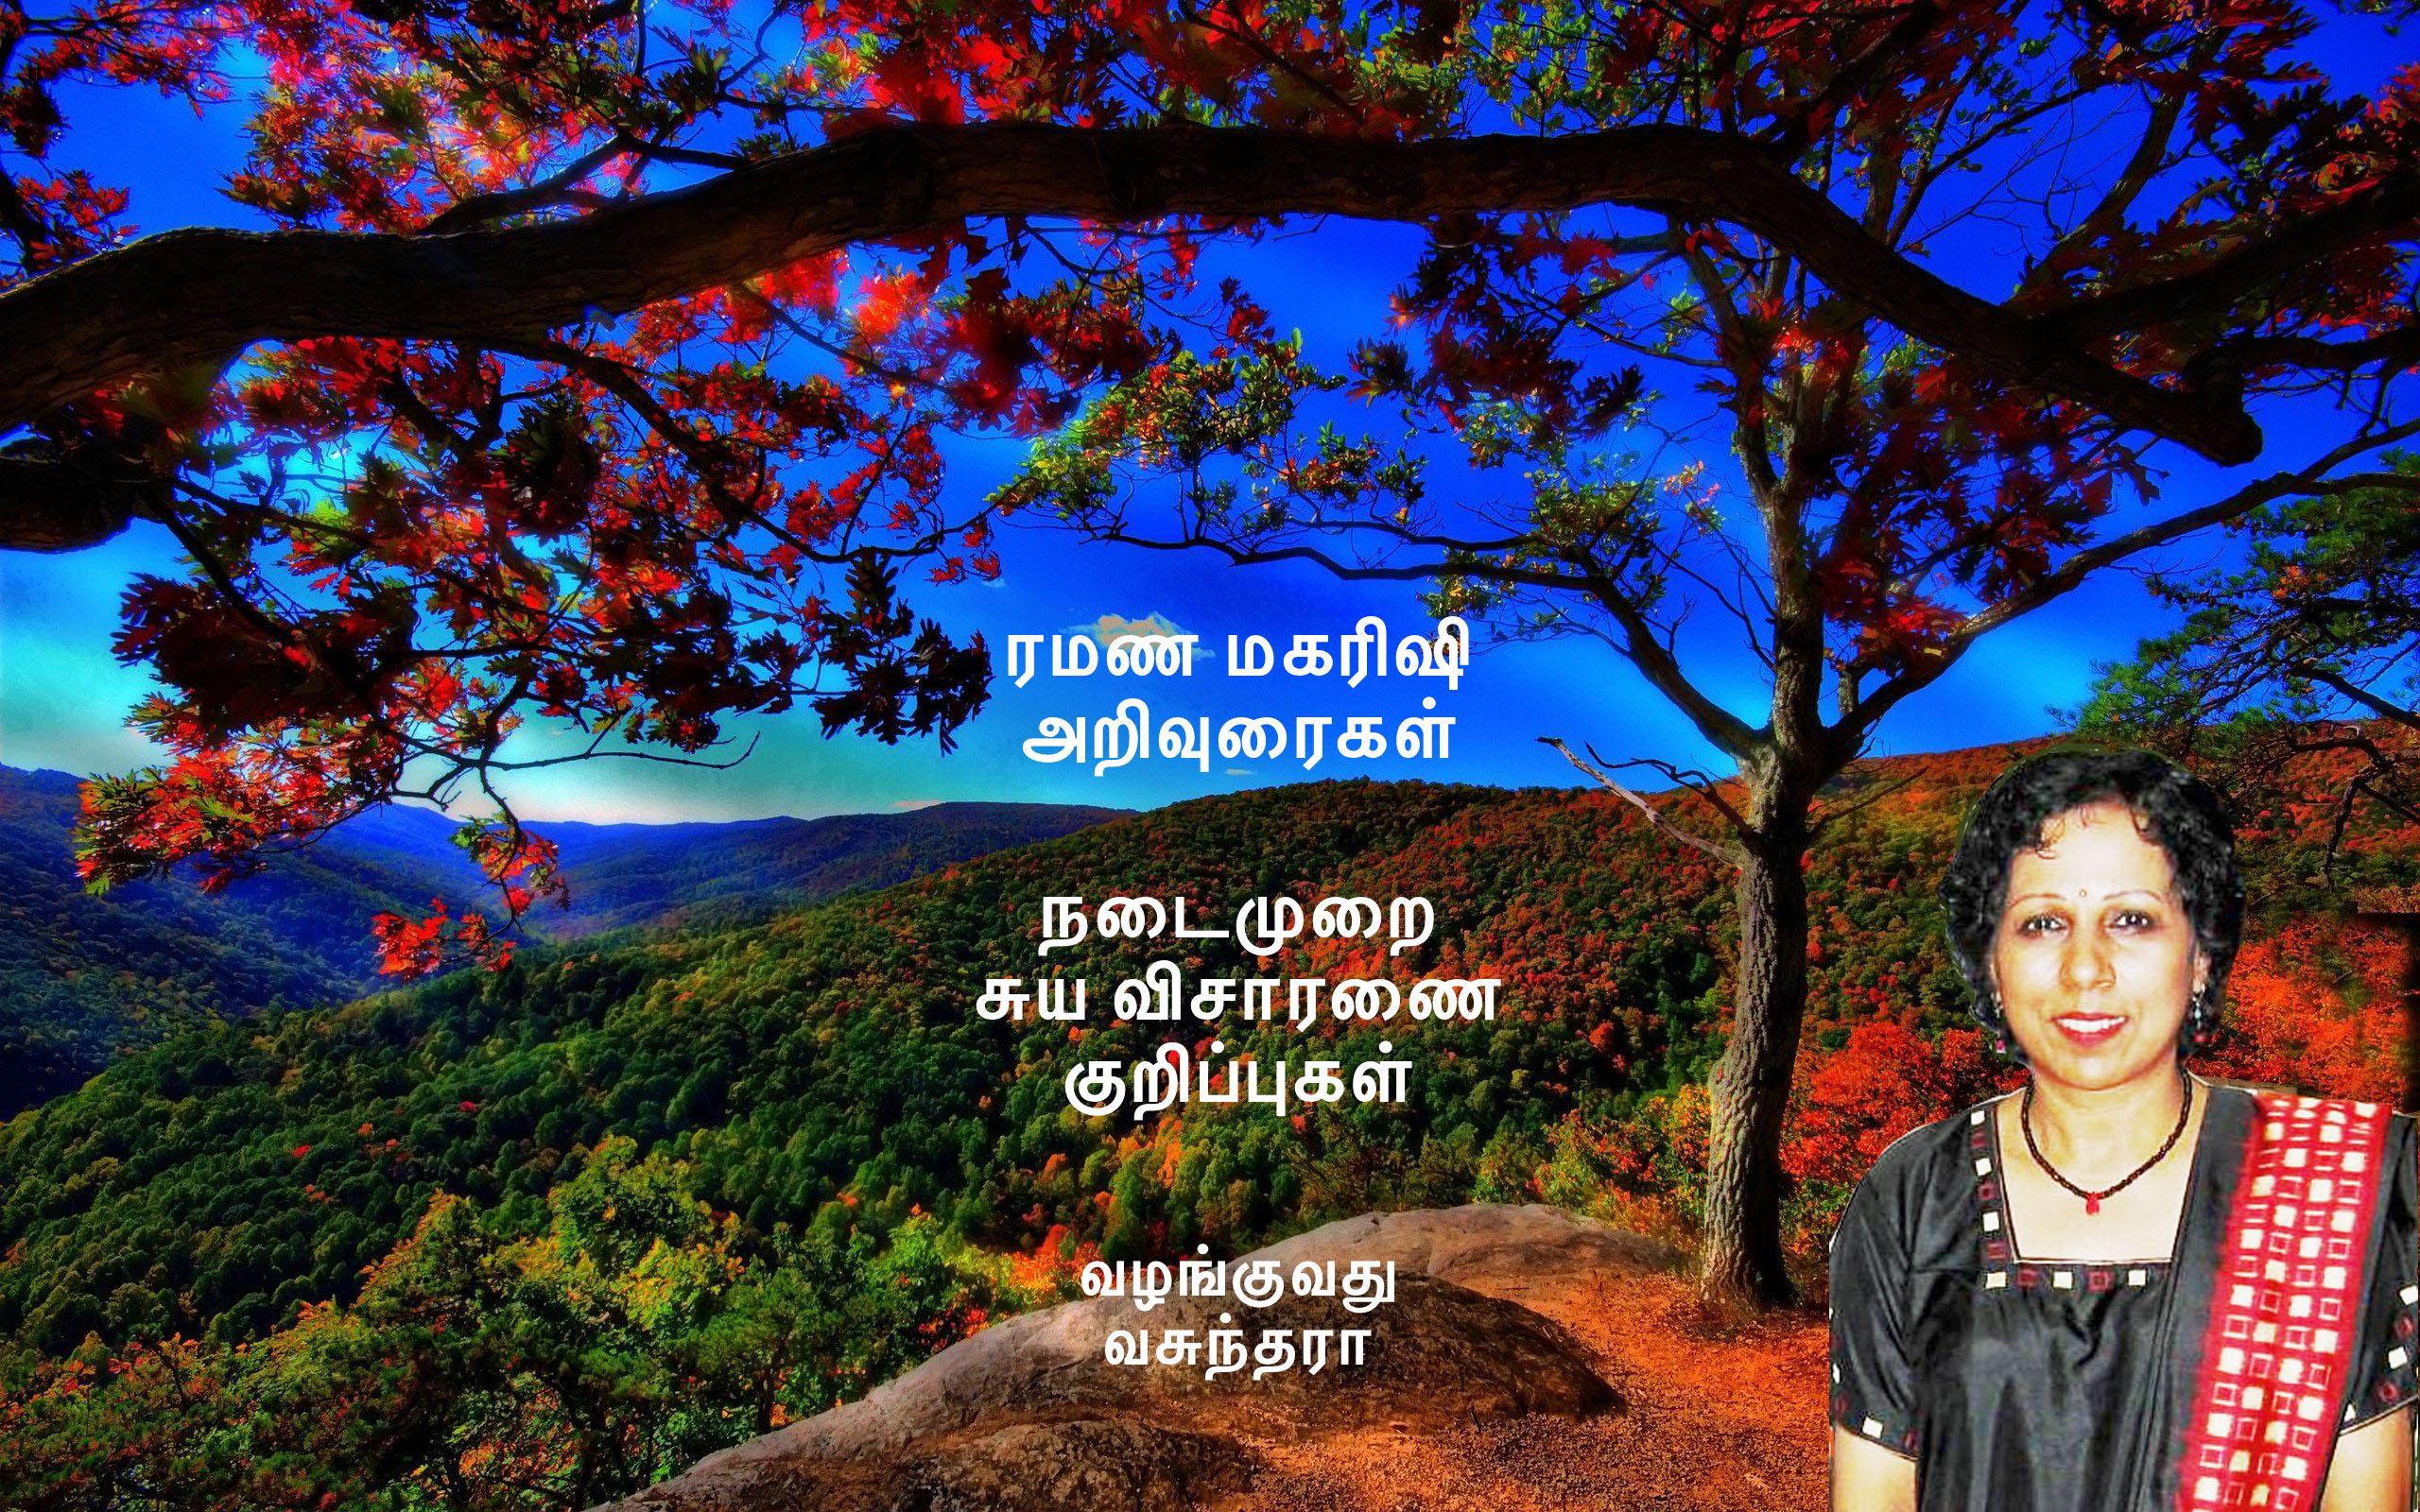 ரமண மகரிஷி : சுய விசாரணை (3) வீடியோ